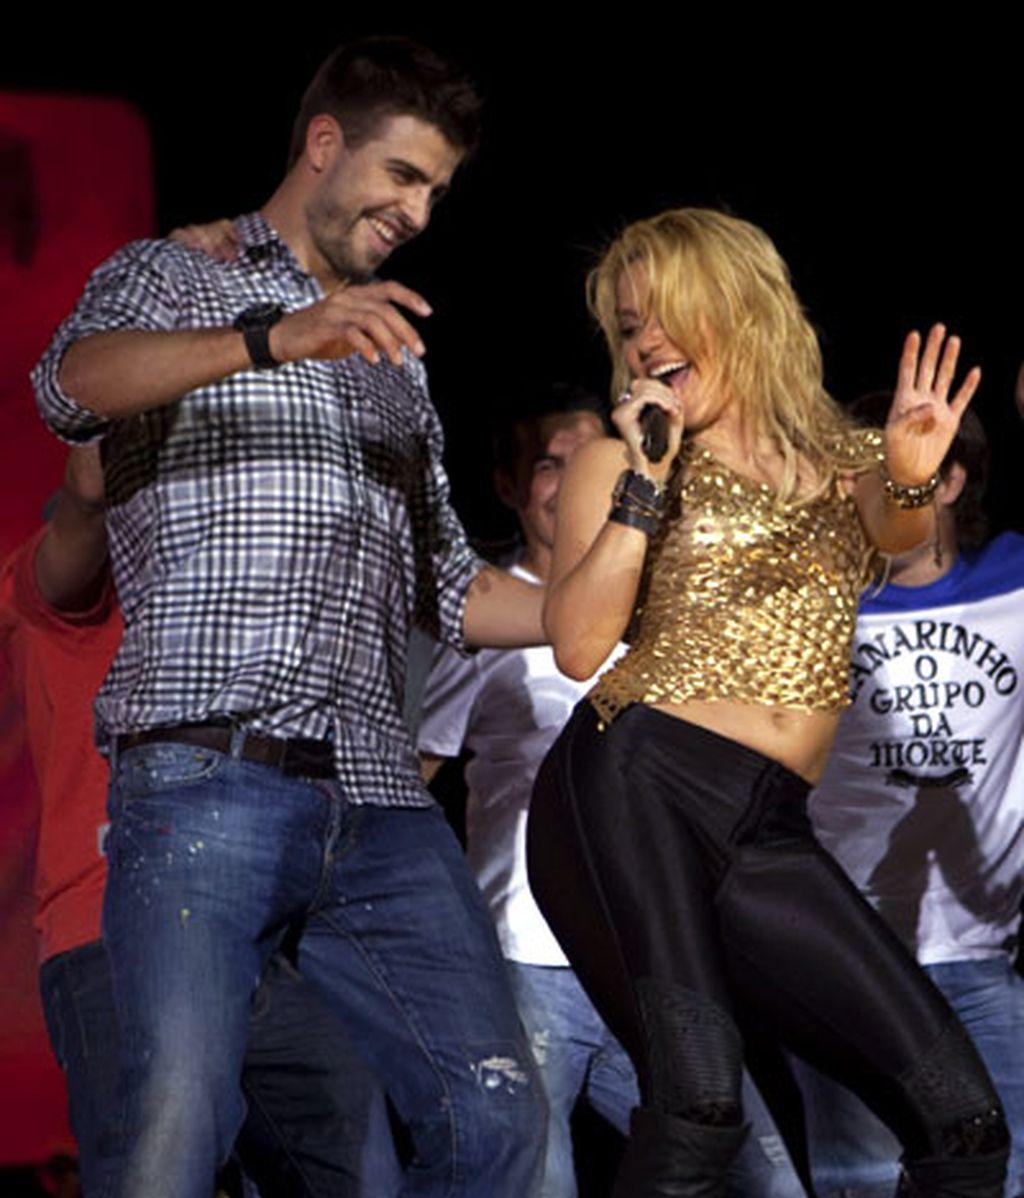 Concierto en Barcelona (España) el 29 de mayo de 2011